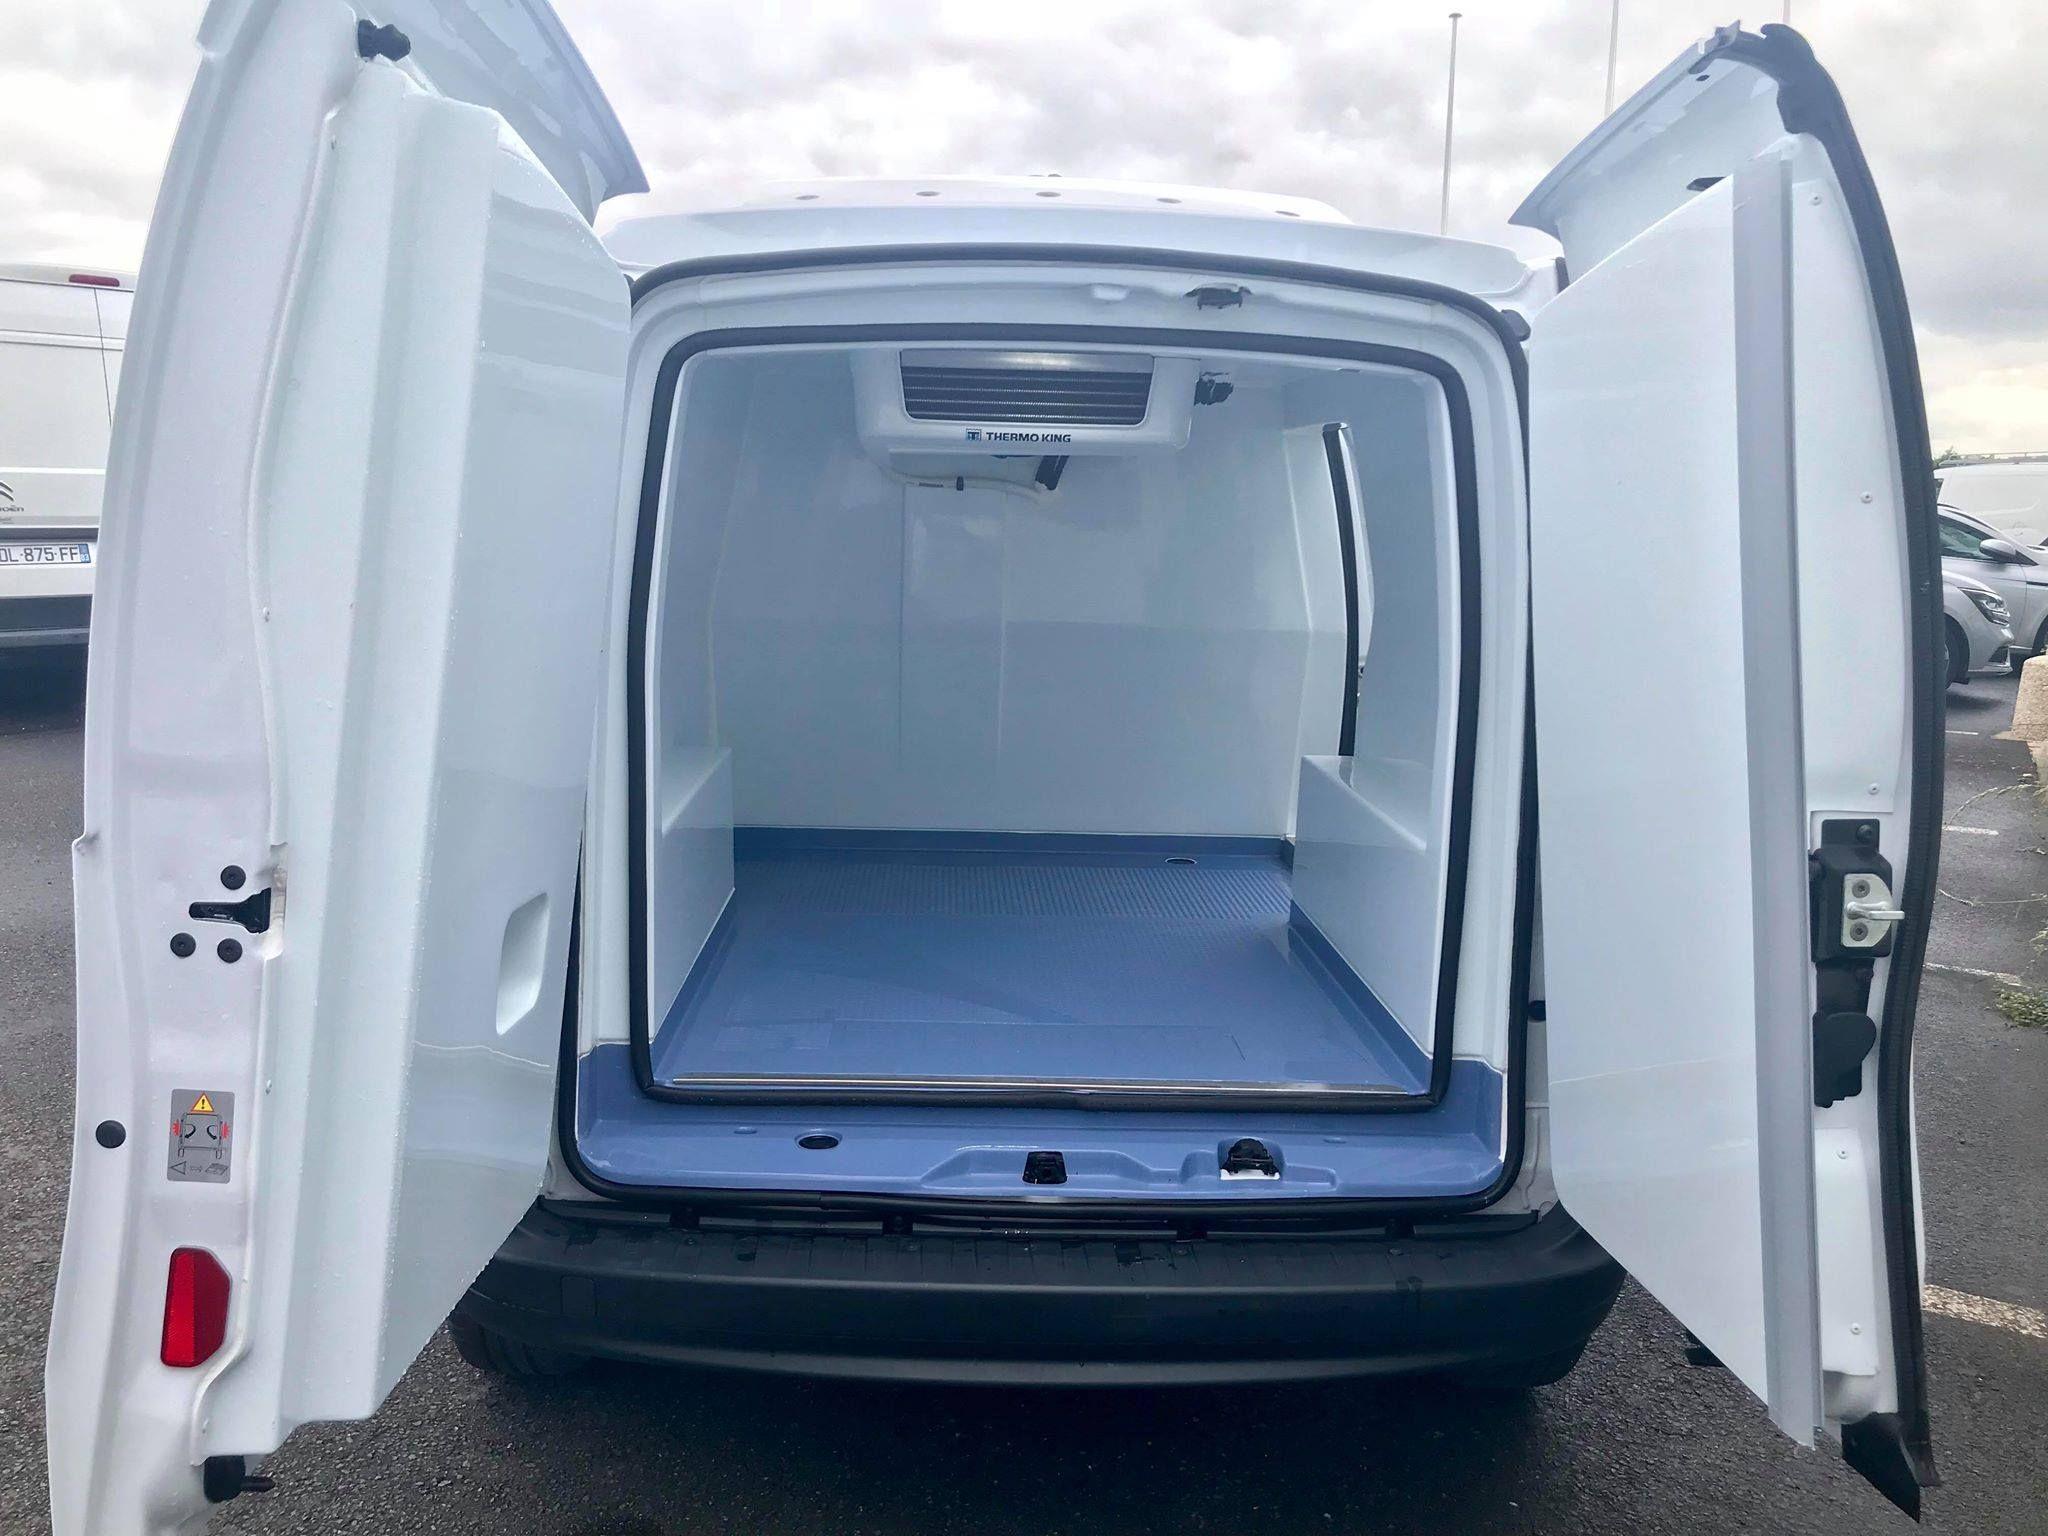 Location longue durée d'une fourgonnette frigorifique - Renault Kangoo Express FRAX - Vue2